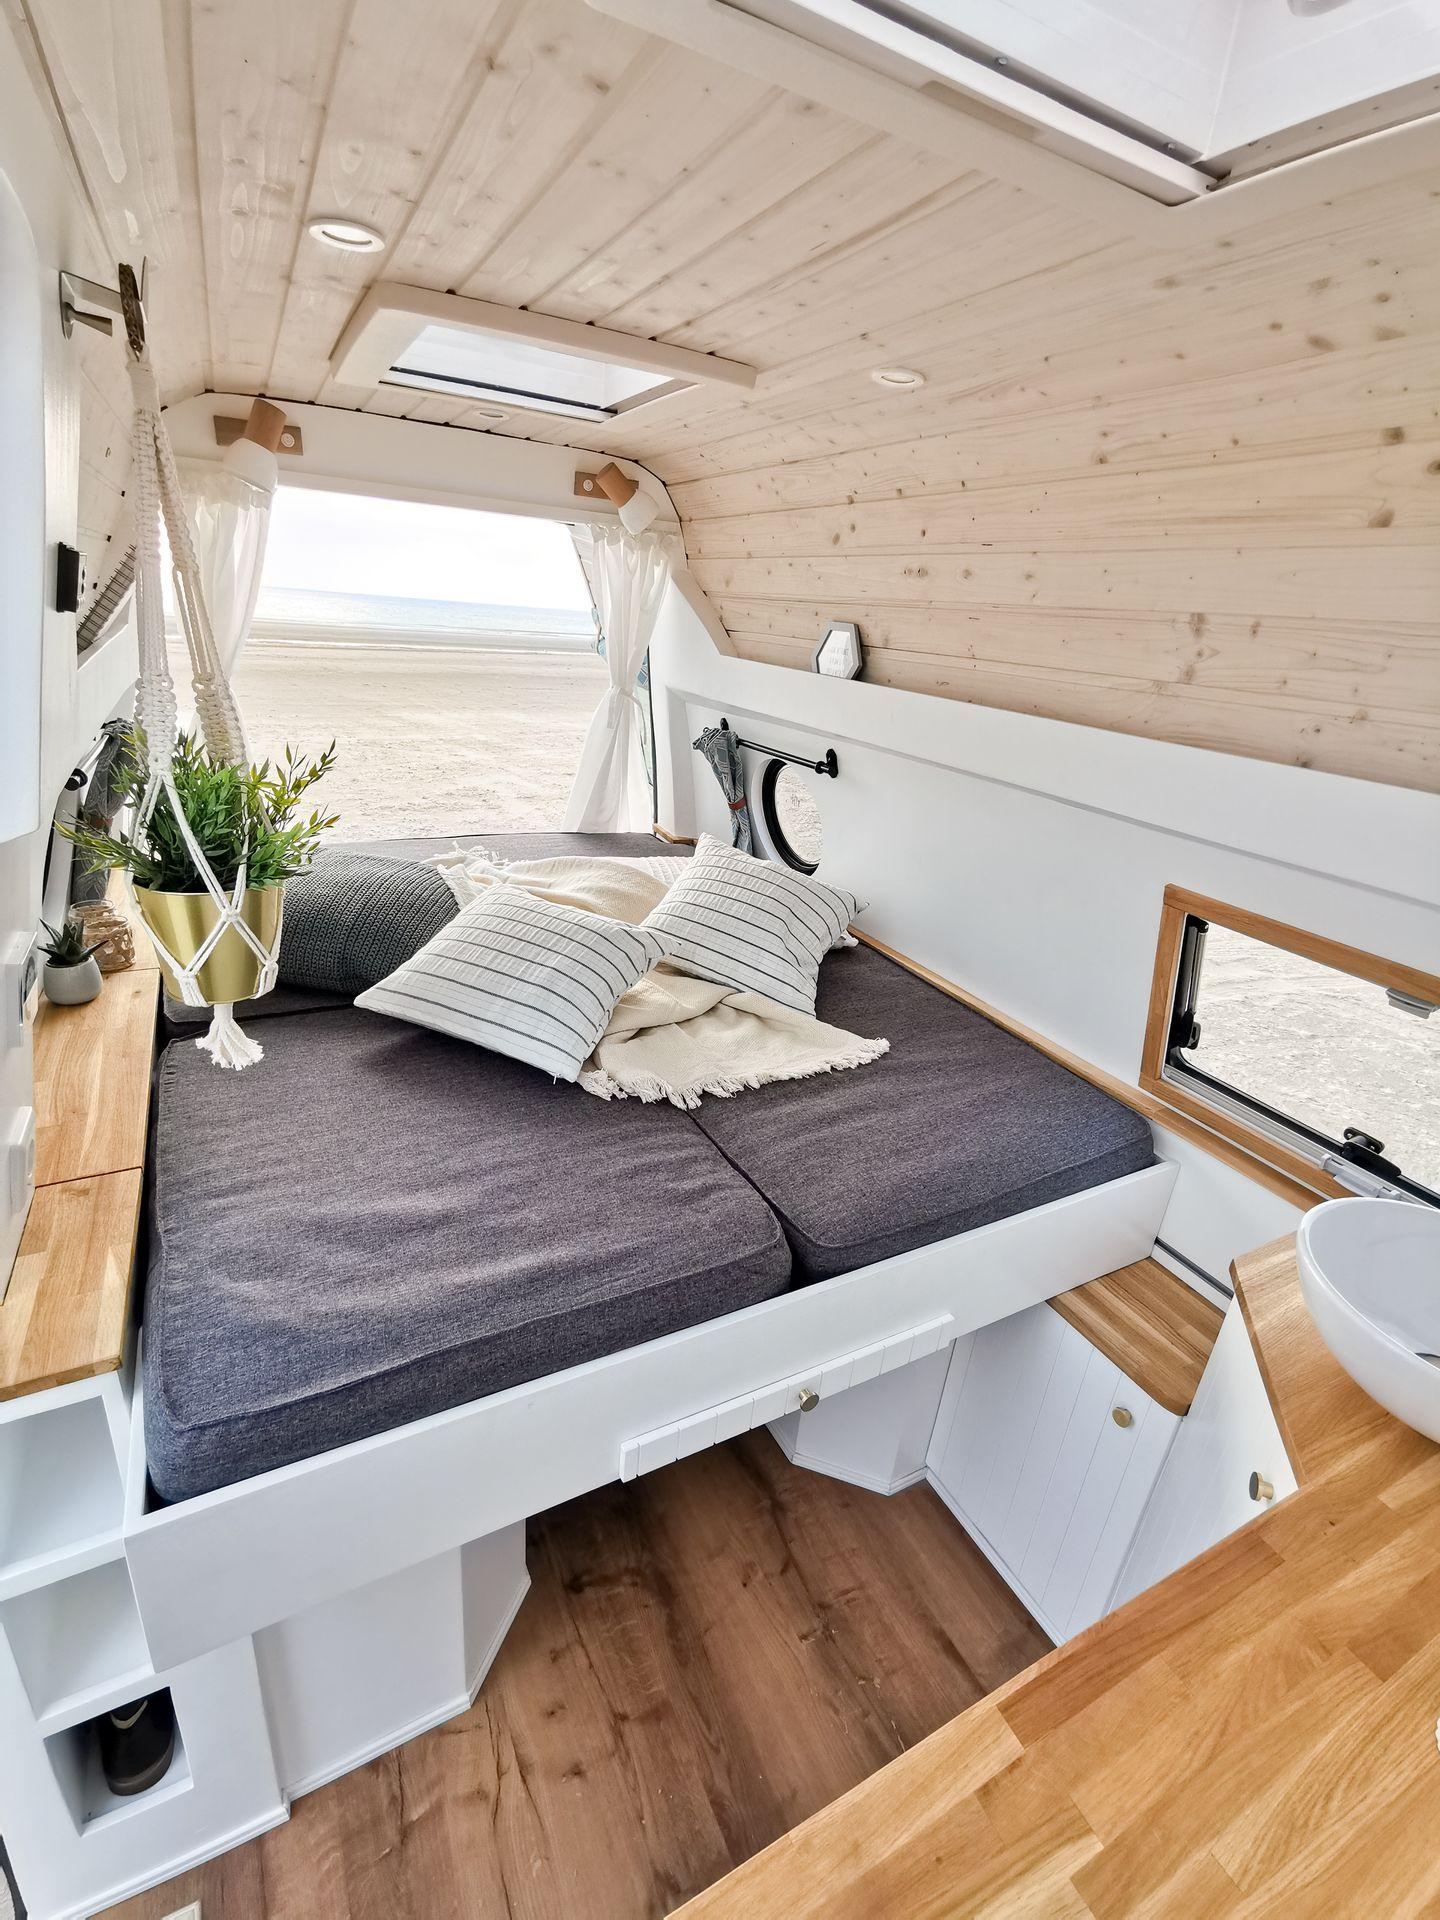 Nordvind_Camper_BOLLE_Camper_Vermietung_Ausbau_Hamburg_Bulli_VW_T5_individuell_Van_Manufaktur_19